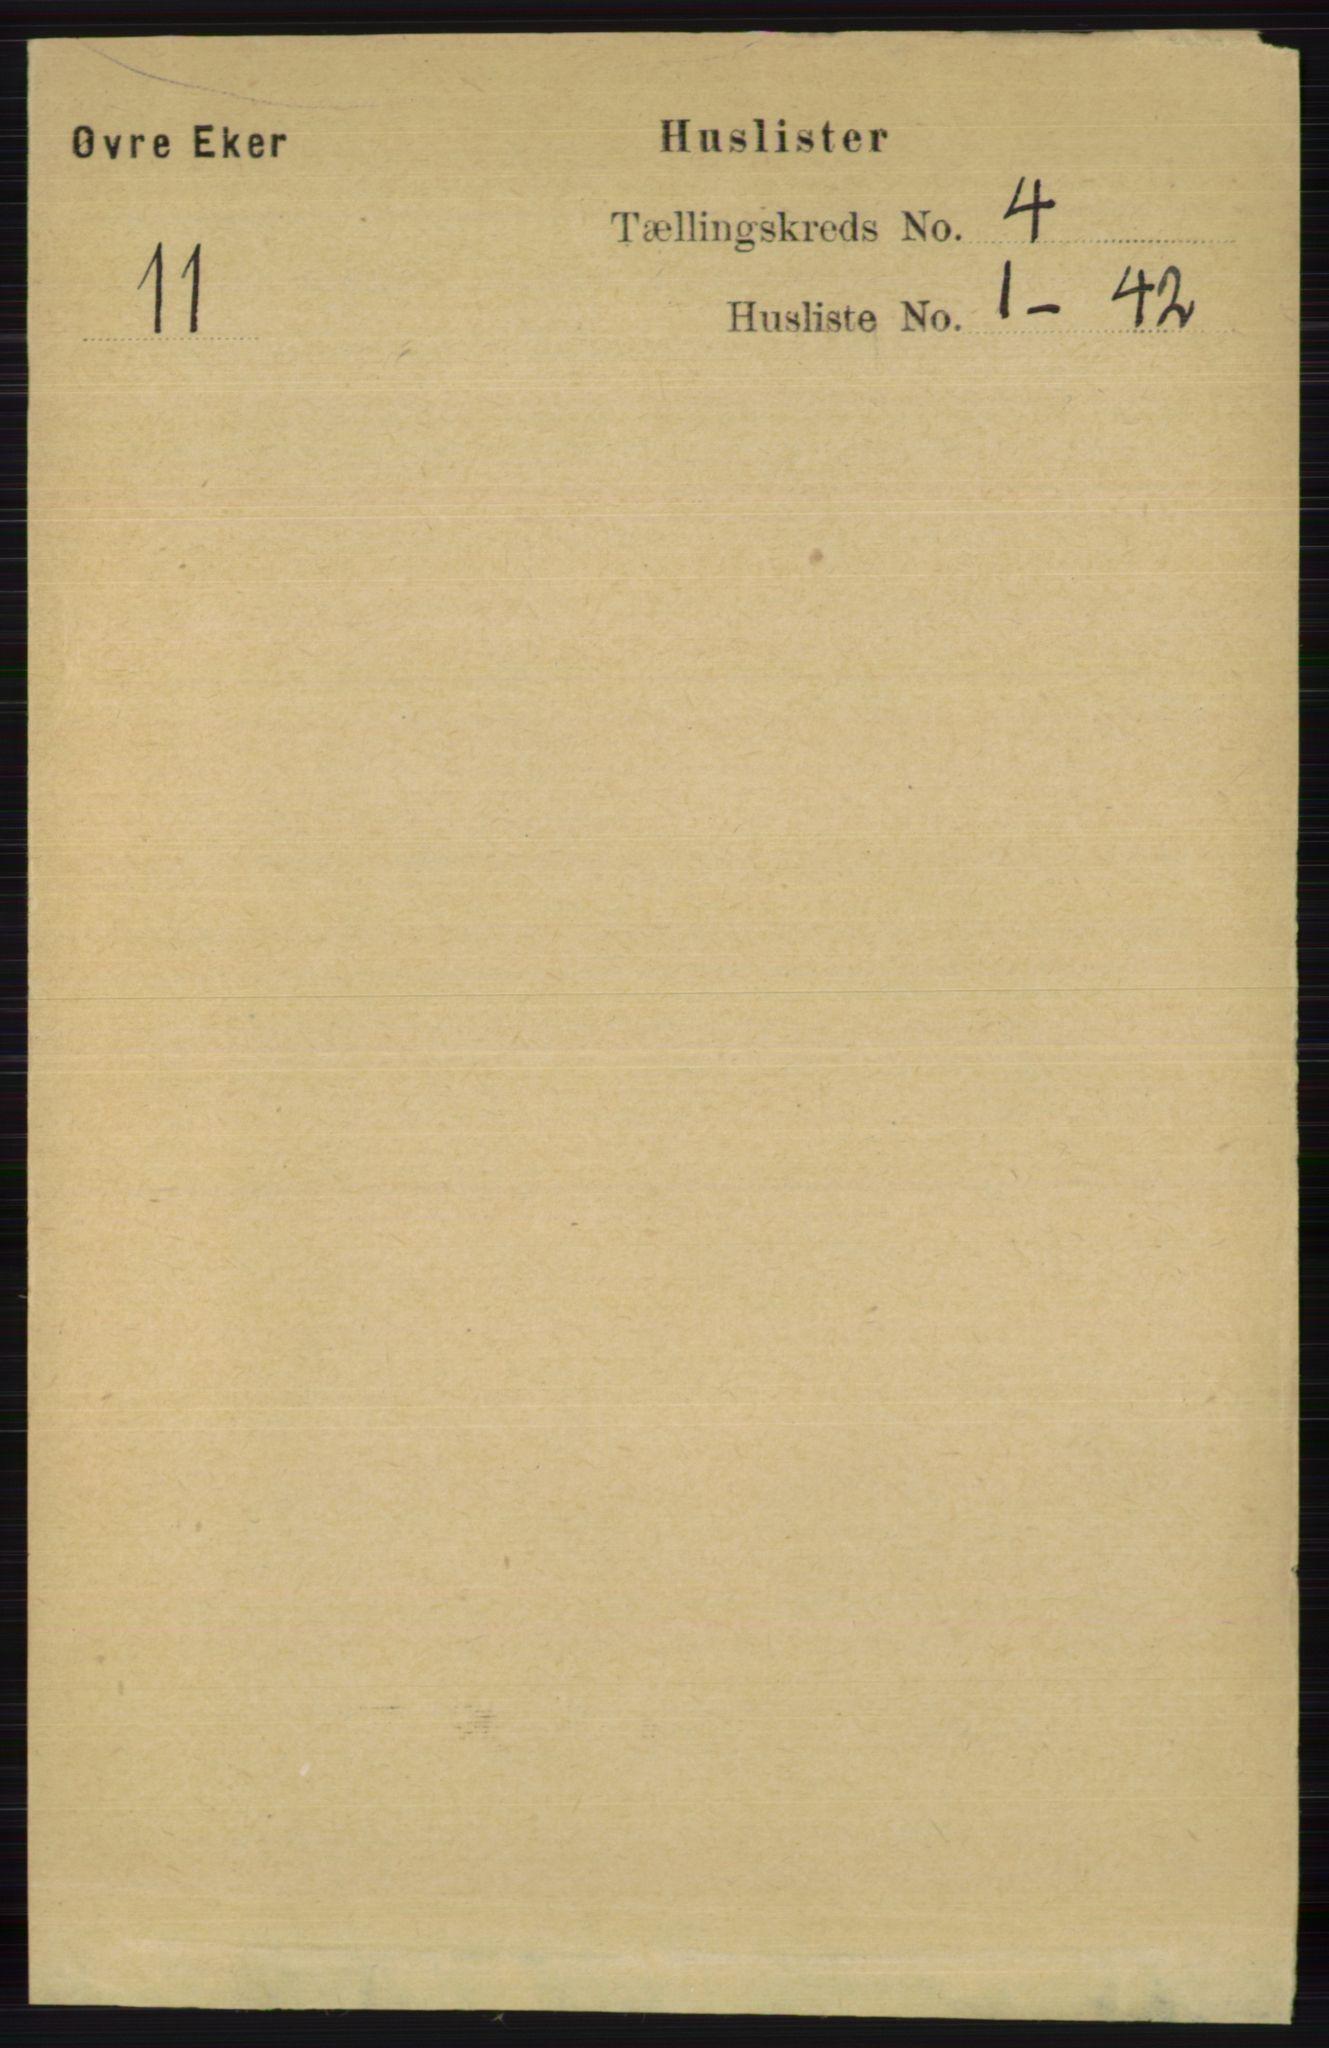 RA, Folketelling 1891 for 0624 Øvre Eiker herred, 1891, s. 1432